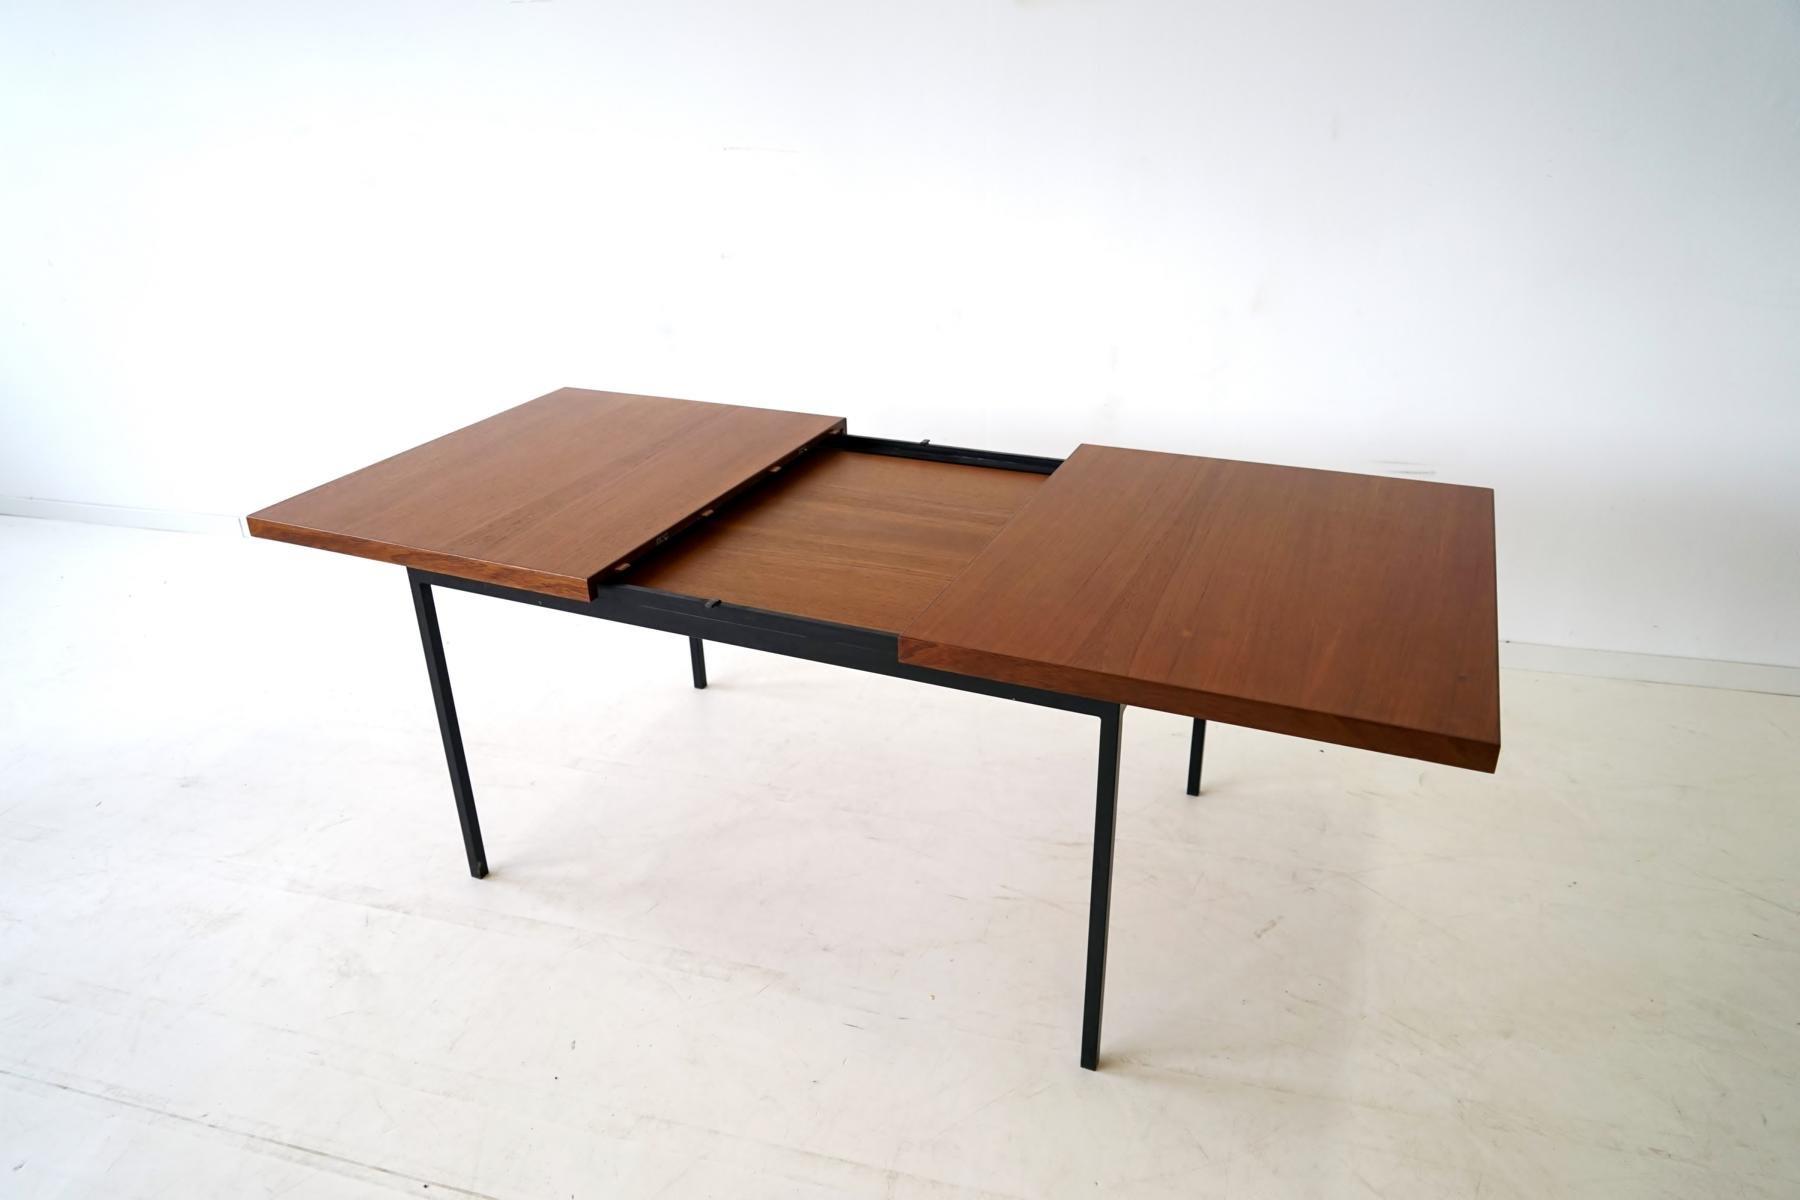 Table de salle manger extensible mod le 413 vintage par for Table de salle a manger knoll